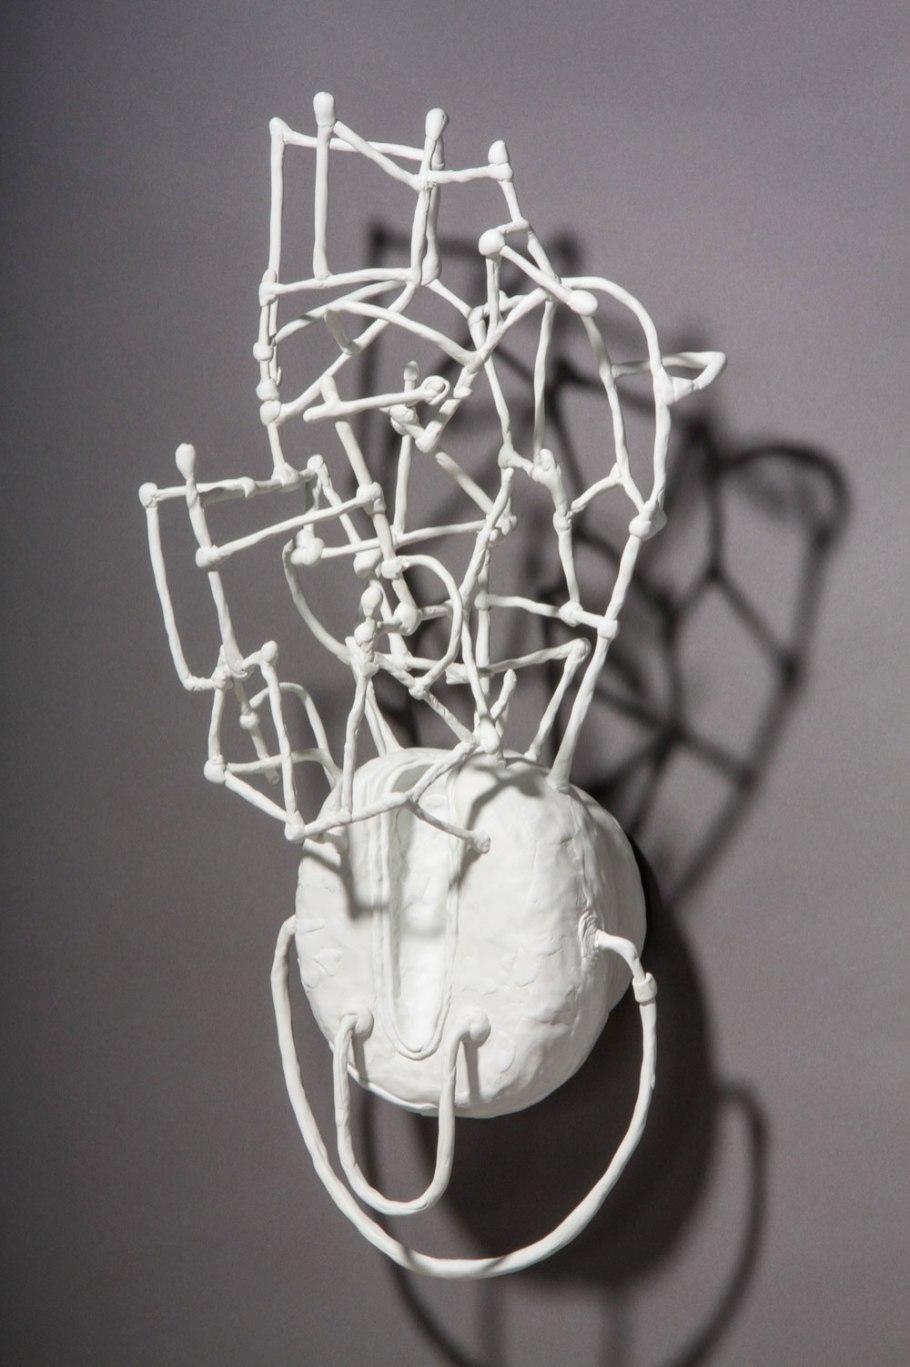 """epoxy clay, polystyrene, wire, 26""""h x 11""""w x 8""""d, 2012"""